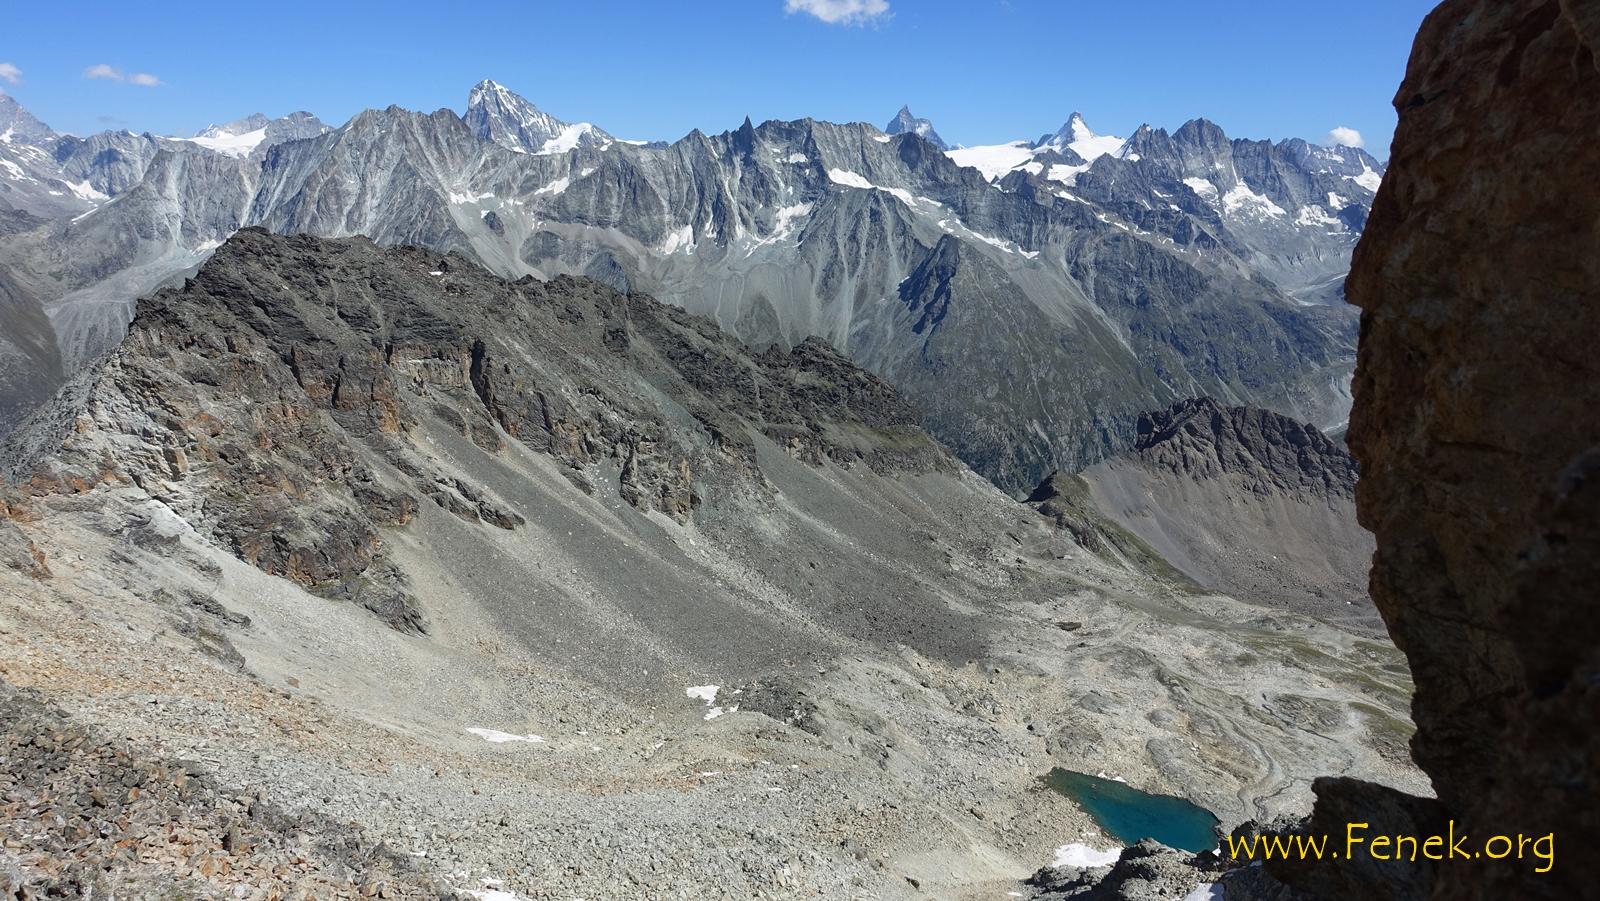 Tiefblick zum See bei 2'900m und La Roussette